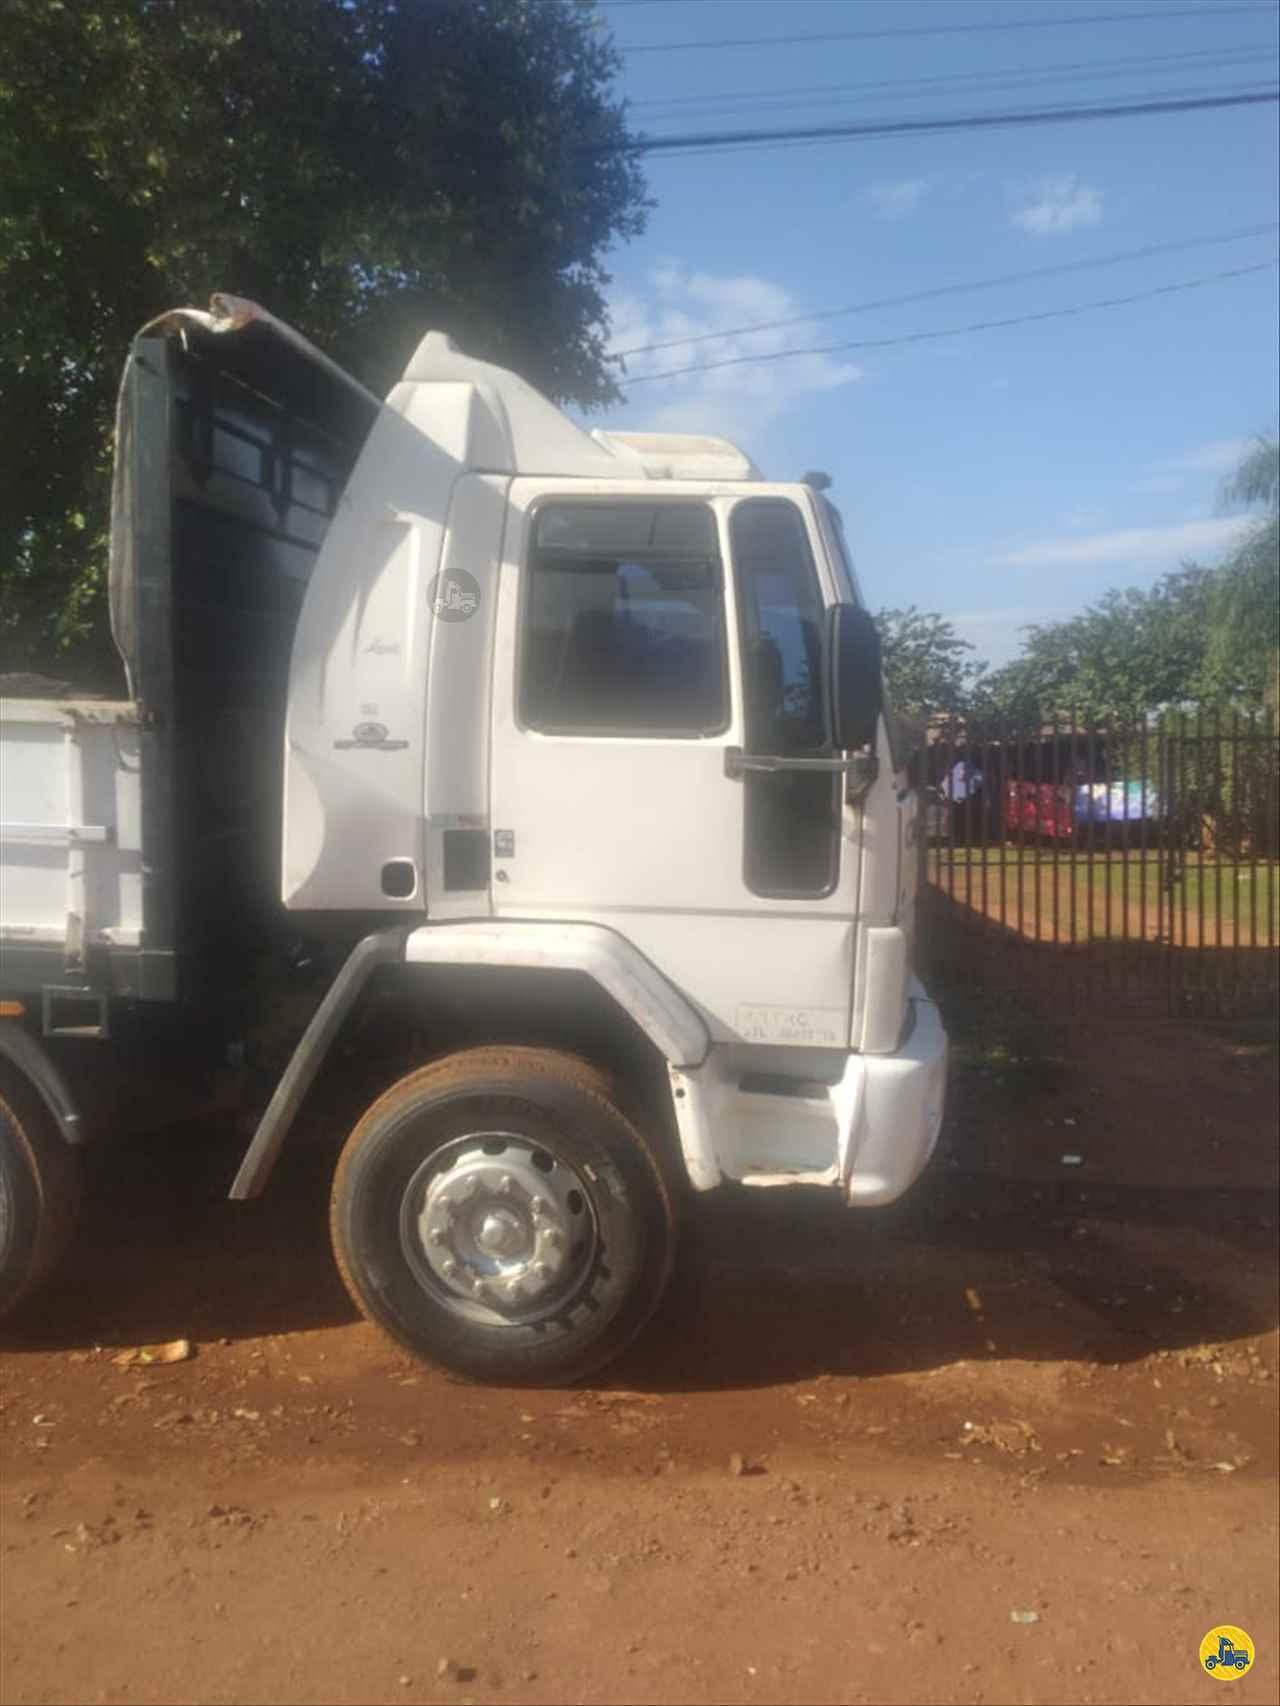 CAMINHAO FORD CARGO 2428 Chassis BiTruck 8x2 Maracavel Londrina Caminhões LONDRINA PARANÁ PR